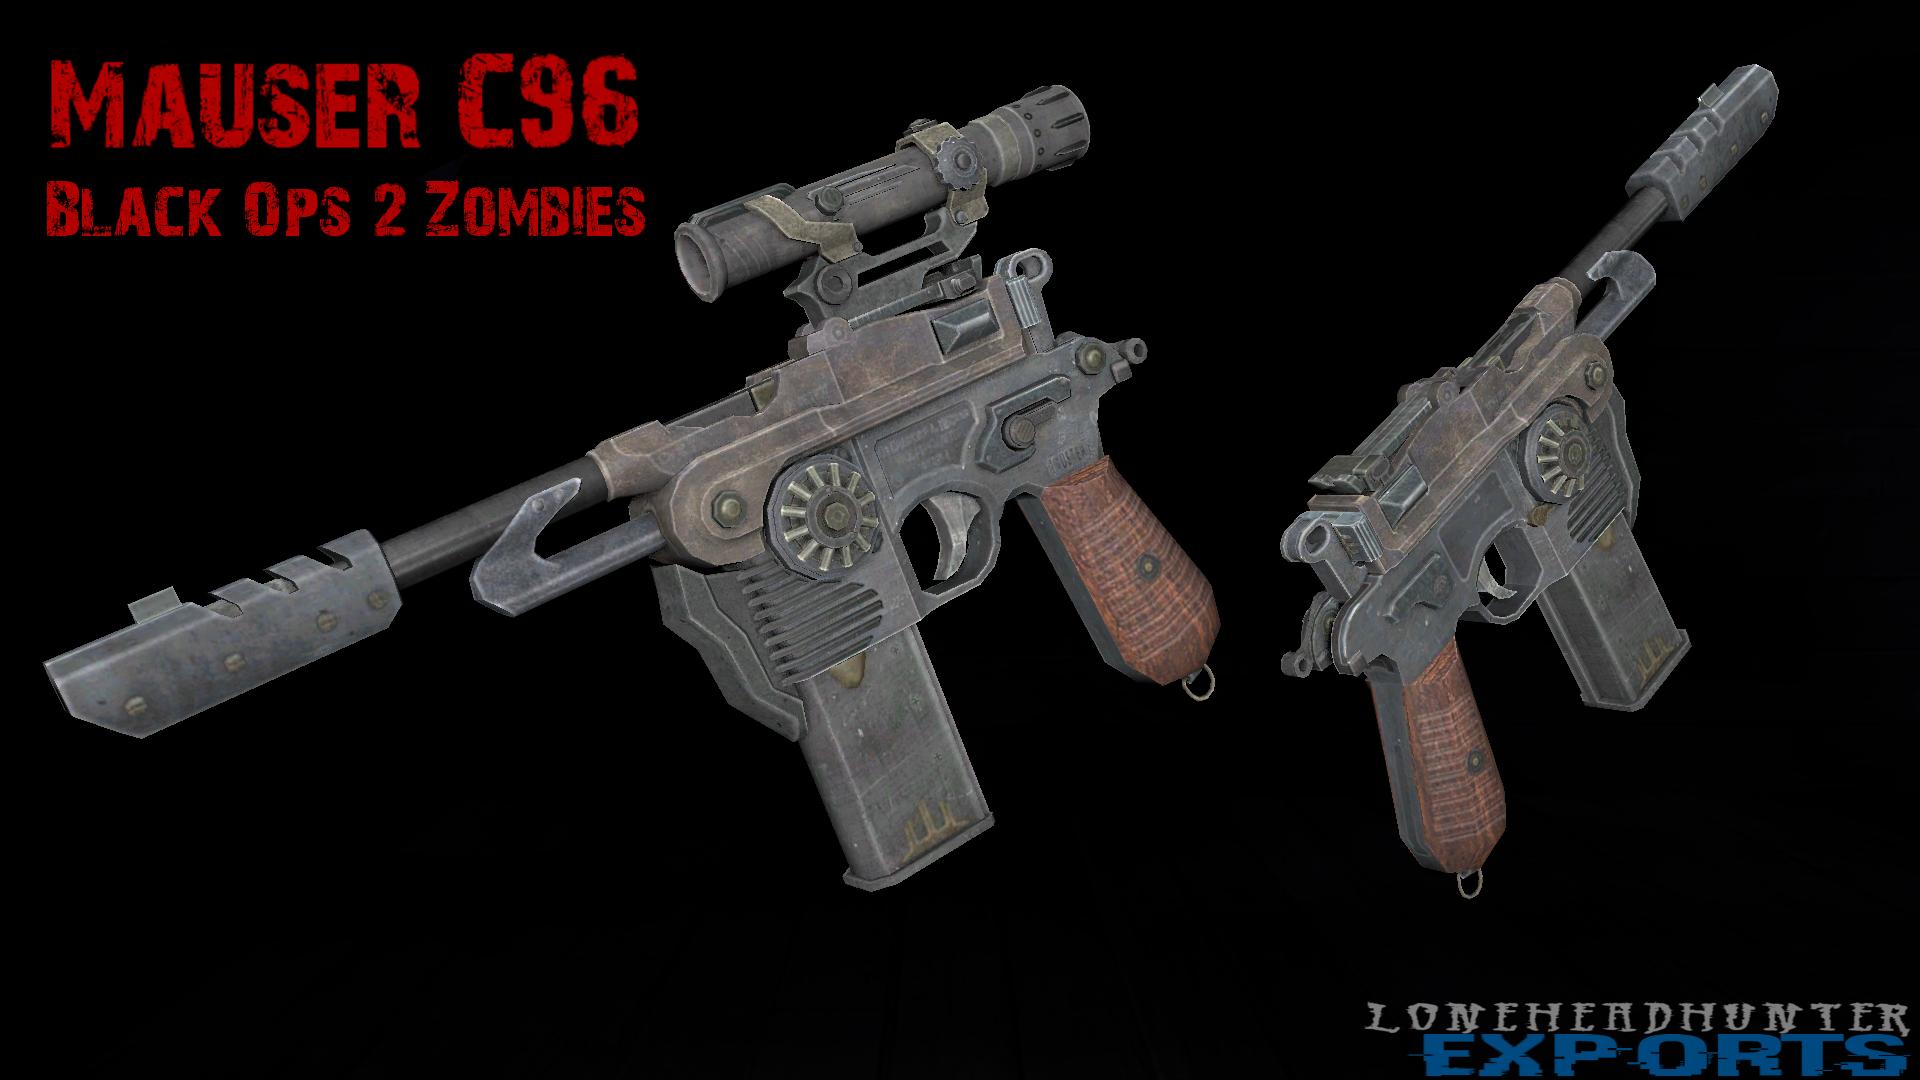 Black Ops 2 ZM - Mauser C96 by Jacob-LHh3 on DeviantArt